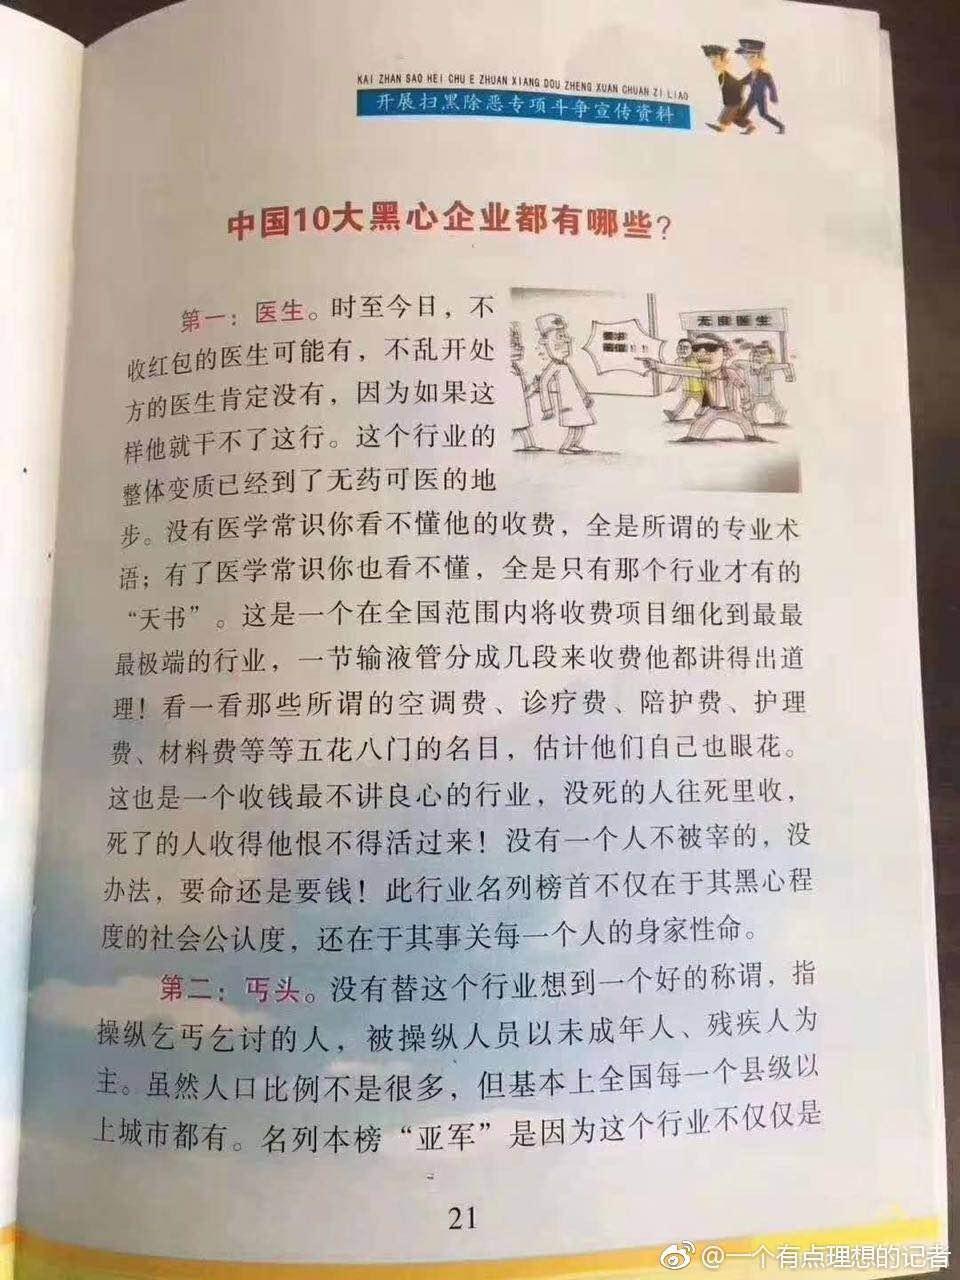 """苏州渭塘镇回应扫黑宣传册将医生列入""""黑心企业"""":正在调查"""